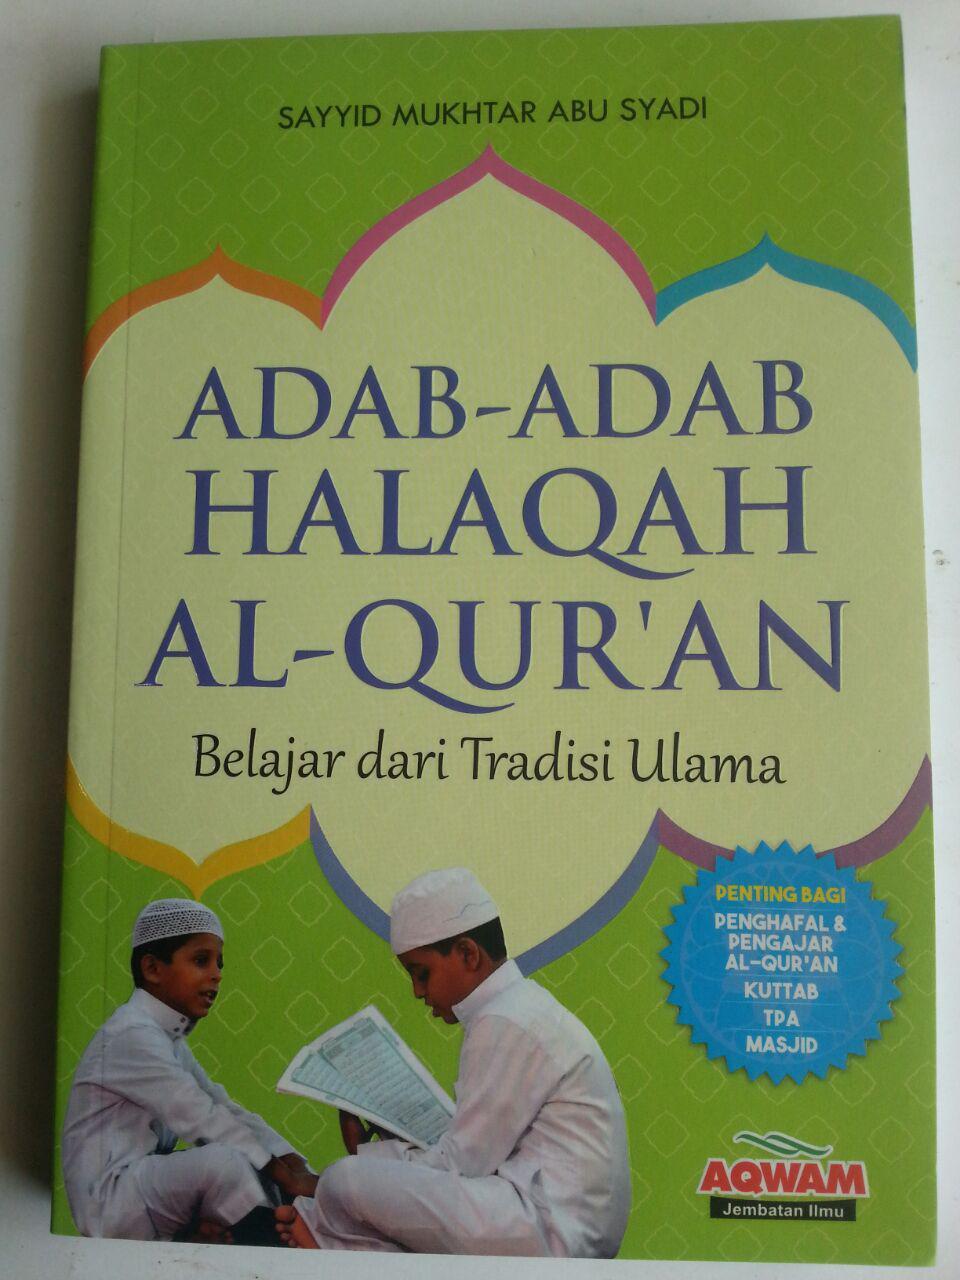 Buku Adab-Adab Halaqah Al-Qur'an Belajar Dari Tradisi Ulama cover 2